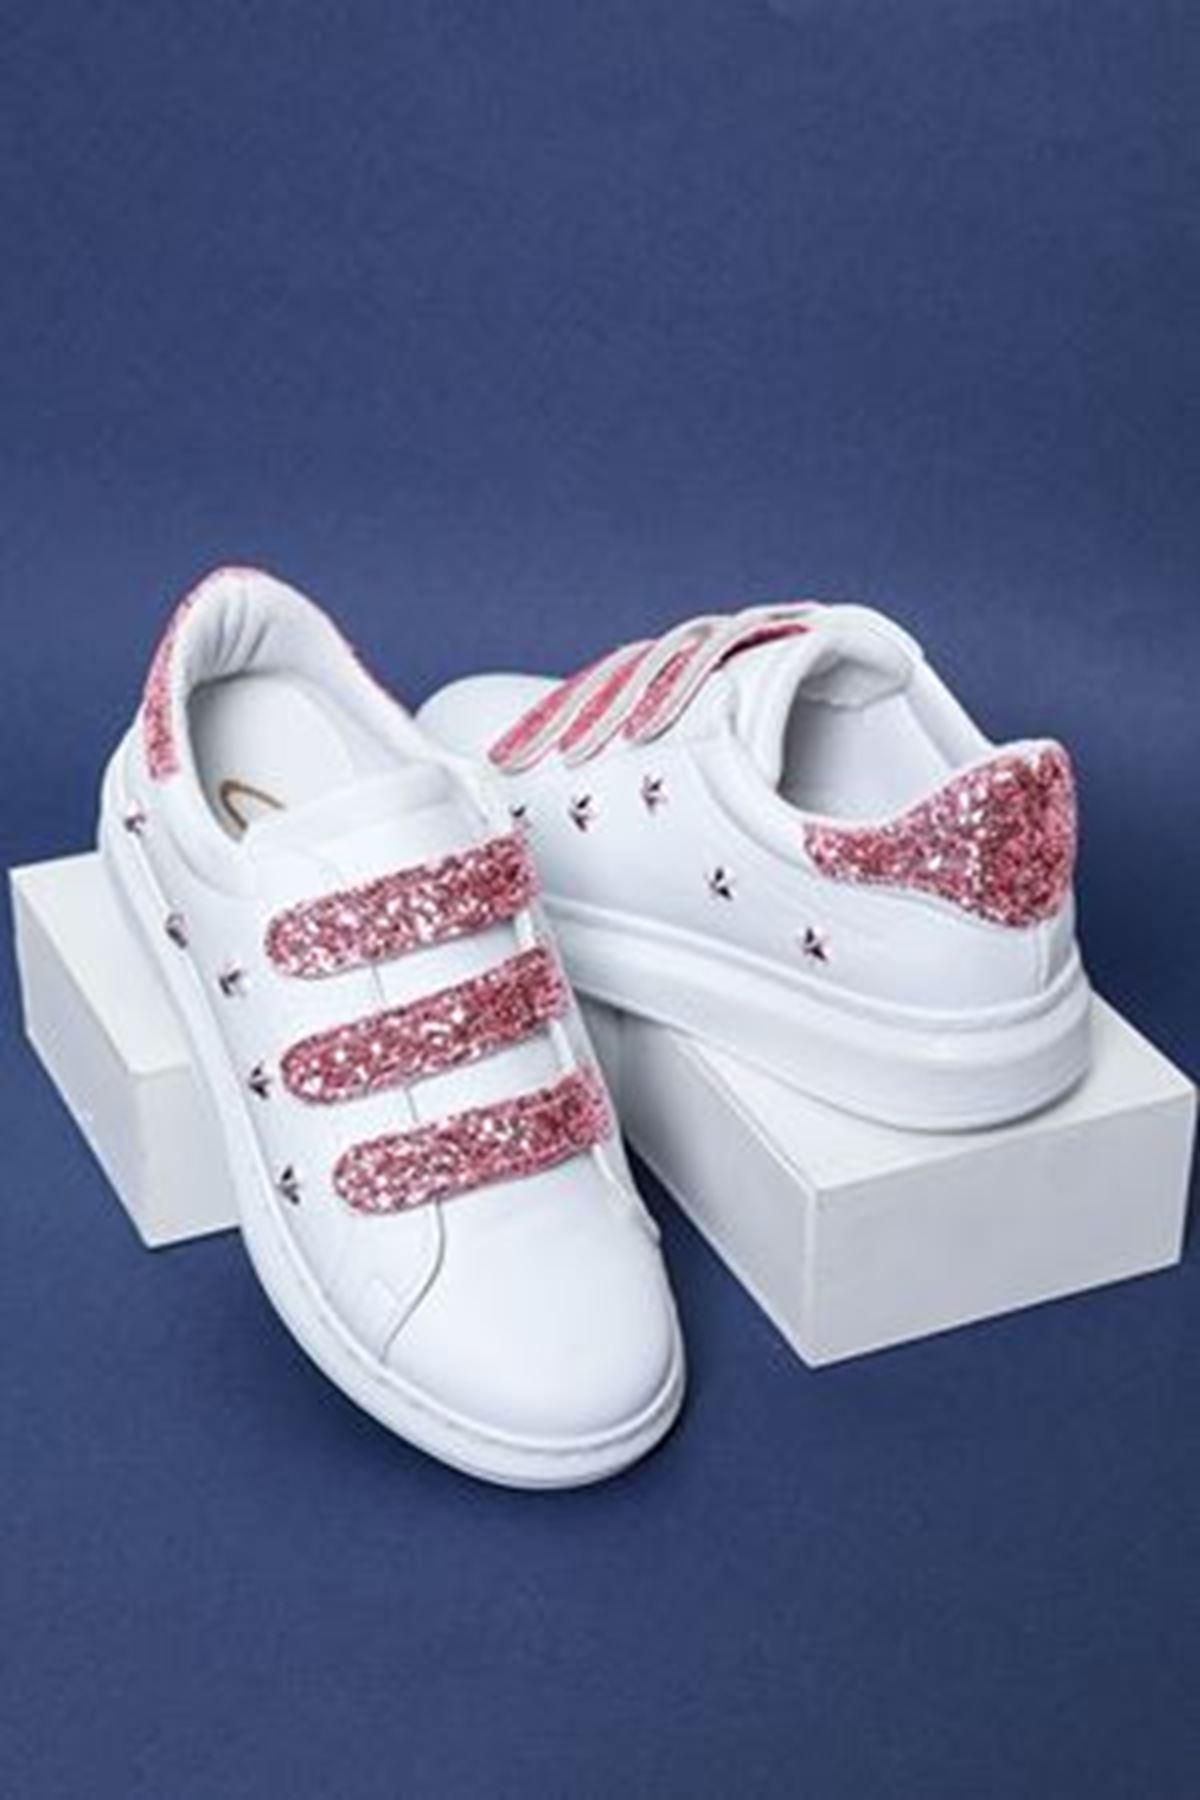 Cırtlı Çocuk Ayakkabı